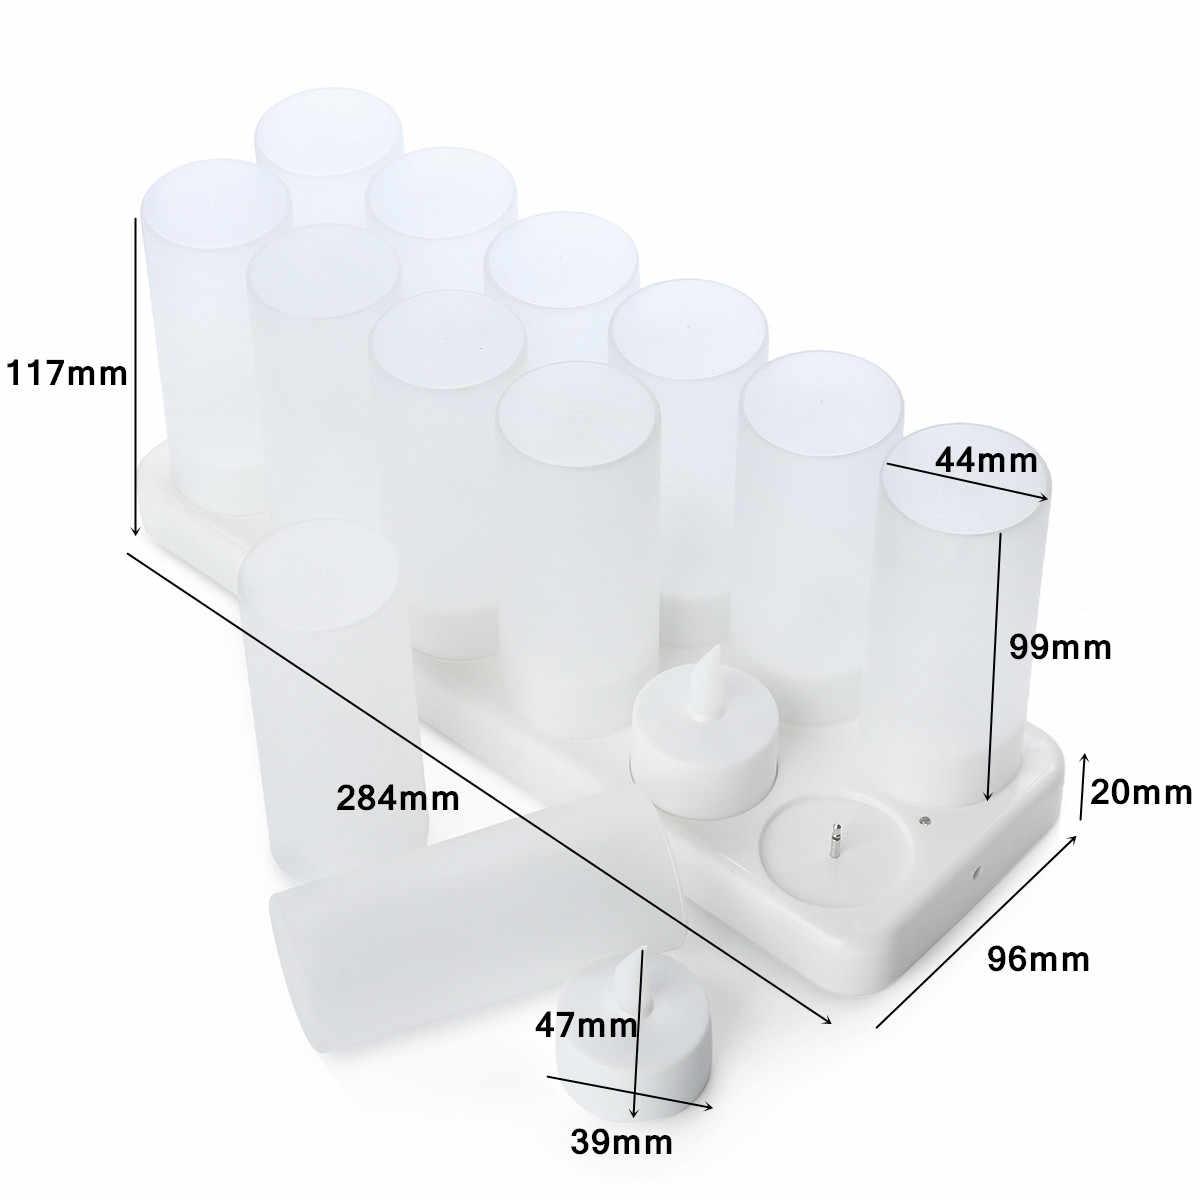 12 có thể sạc lại Nhấp Nháy DẪN Đèn Trà Nến Với Chủ Cho Bữa Ăn Tối Đám Cưới Ngọn Lửa Định Hình LED Bóng Đèn cho Đám Cưới Của Bên